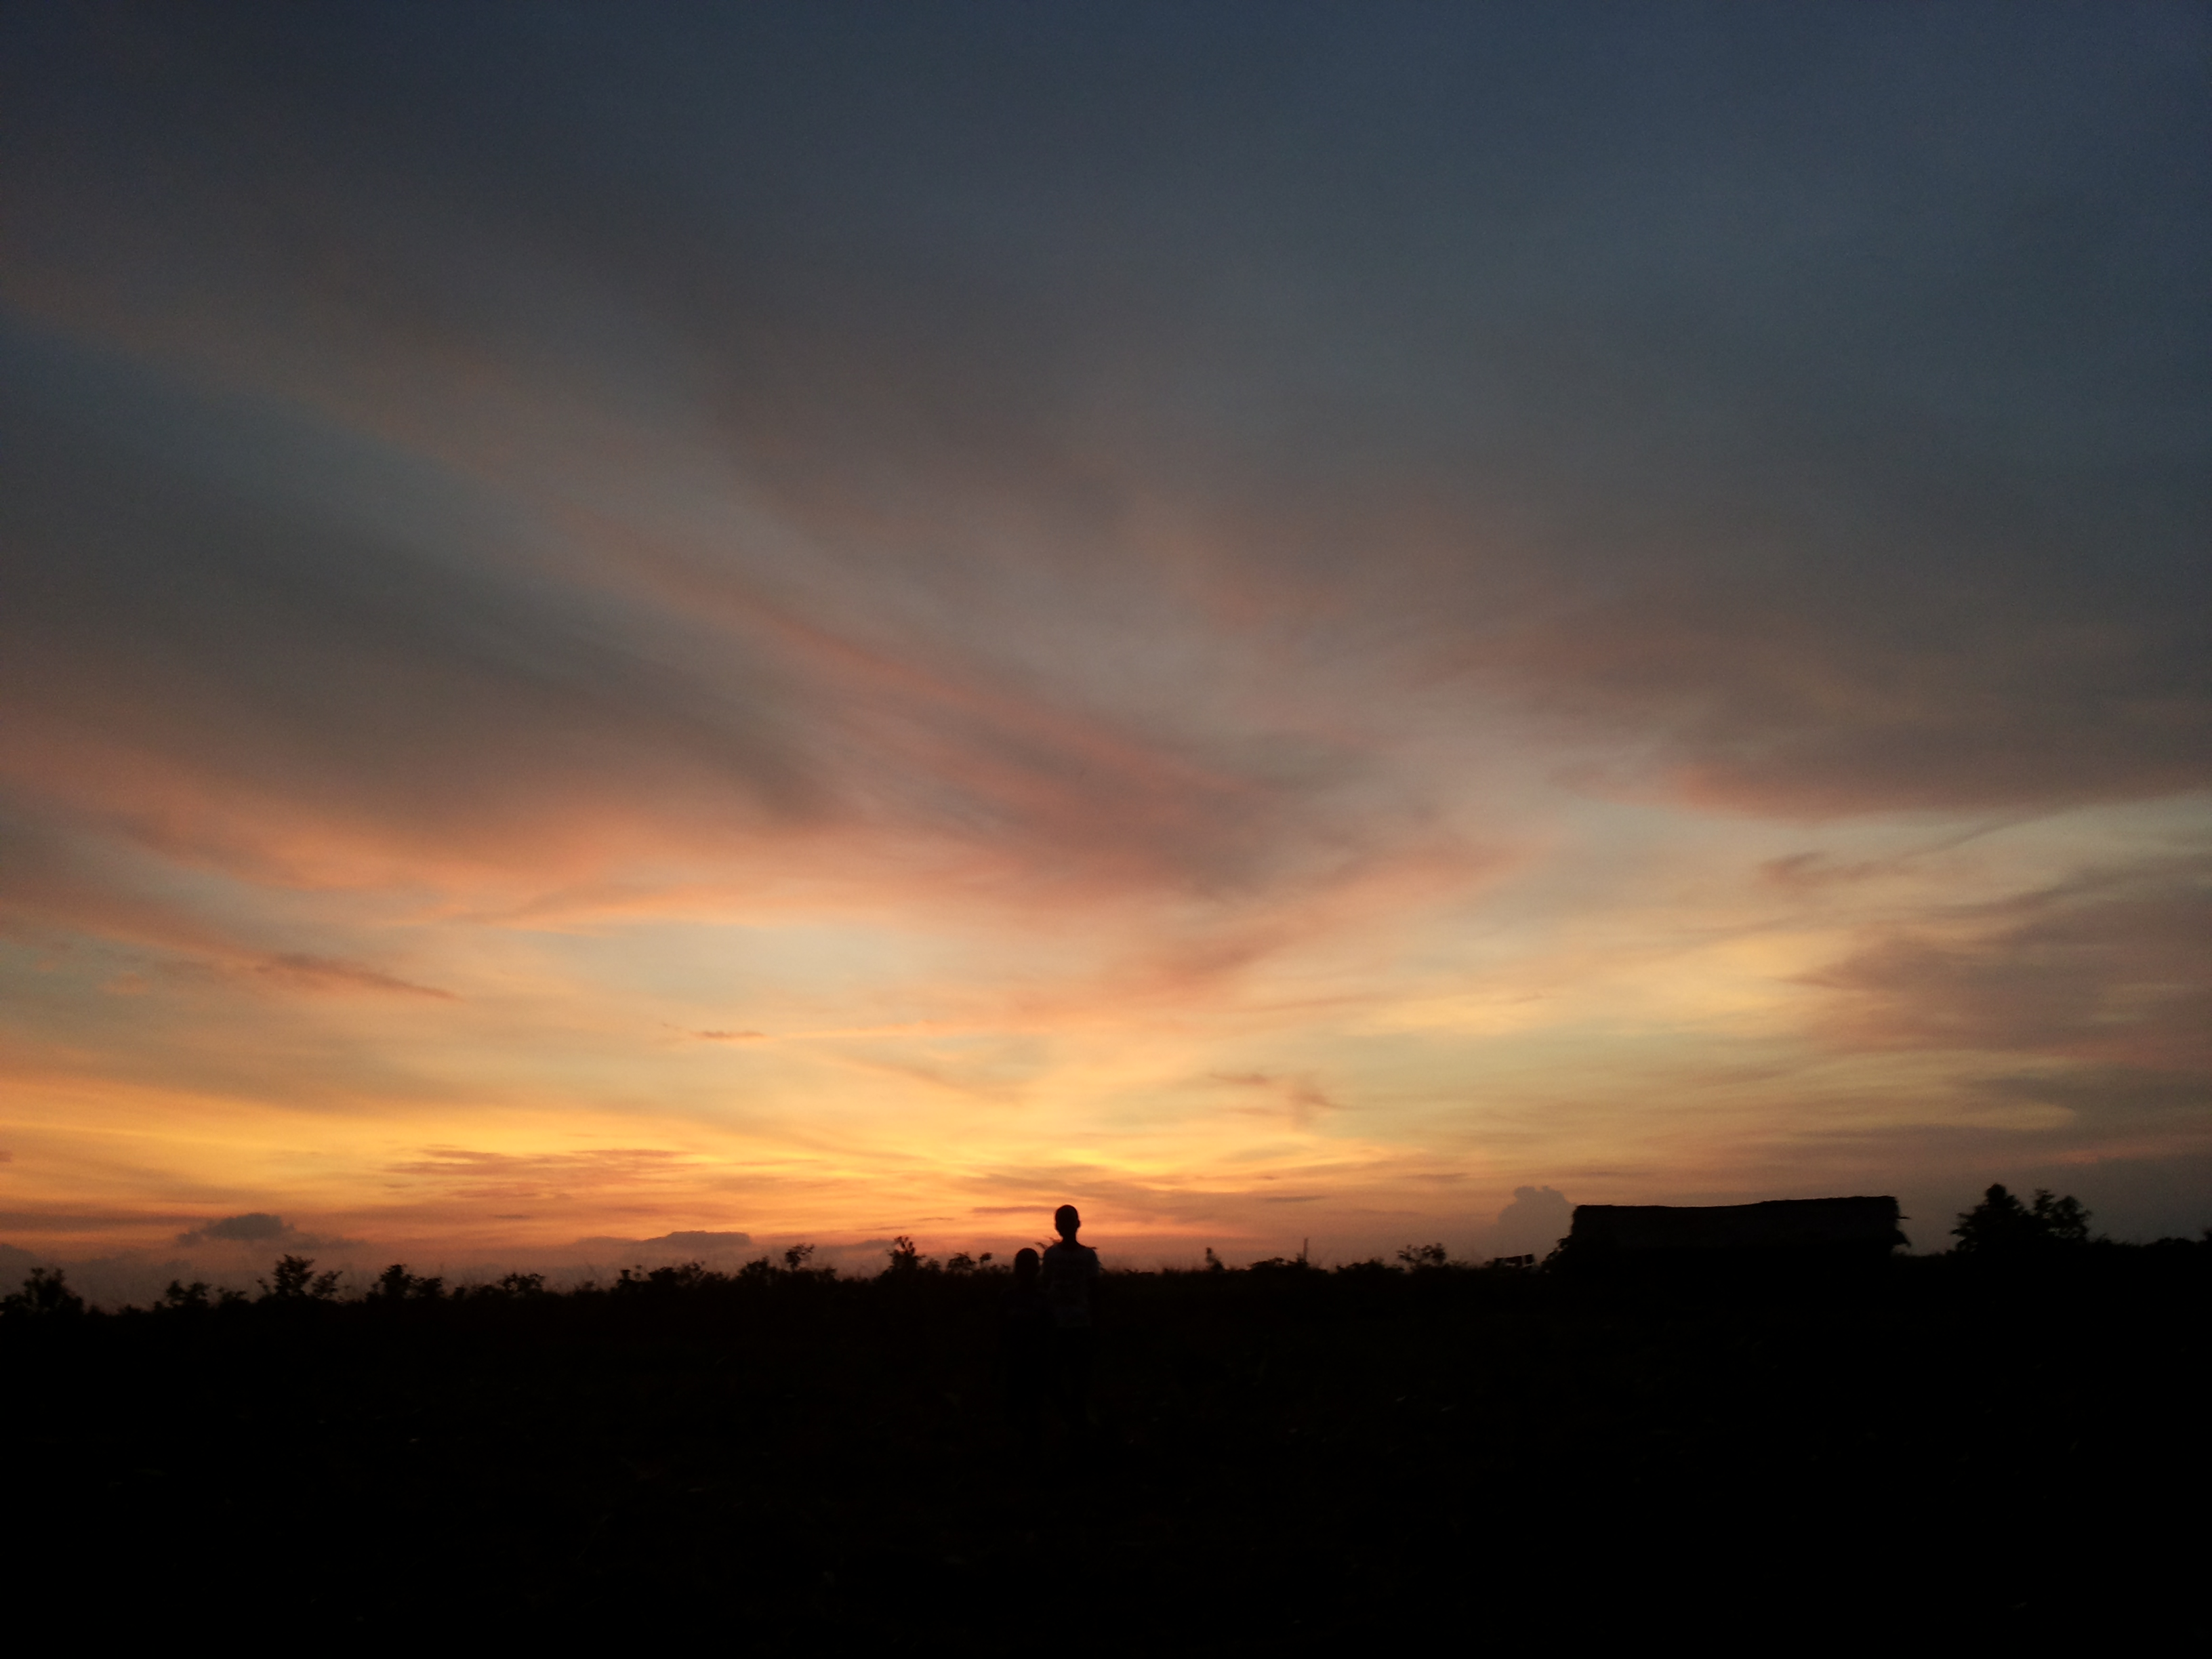 Couché de soleil, Kinshasa. [Emilie Linder]